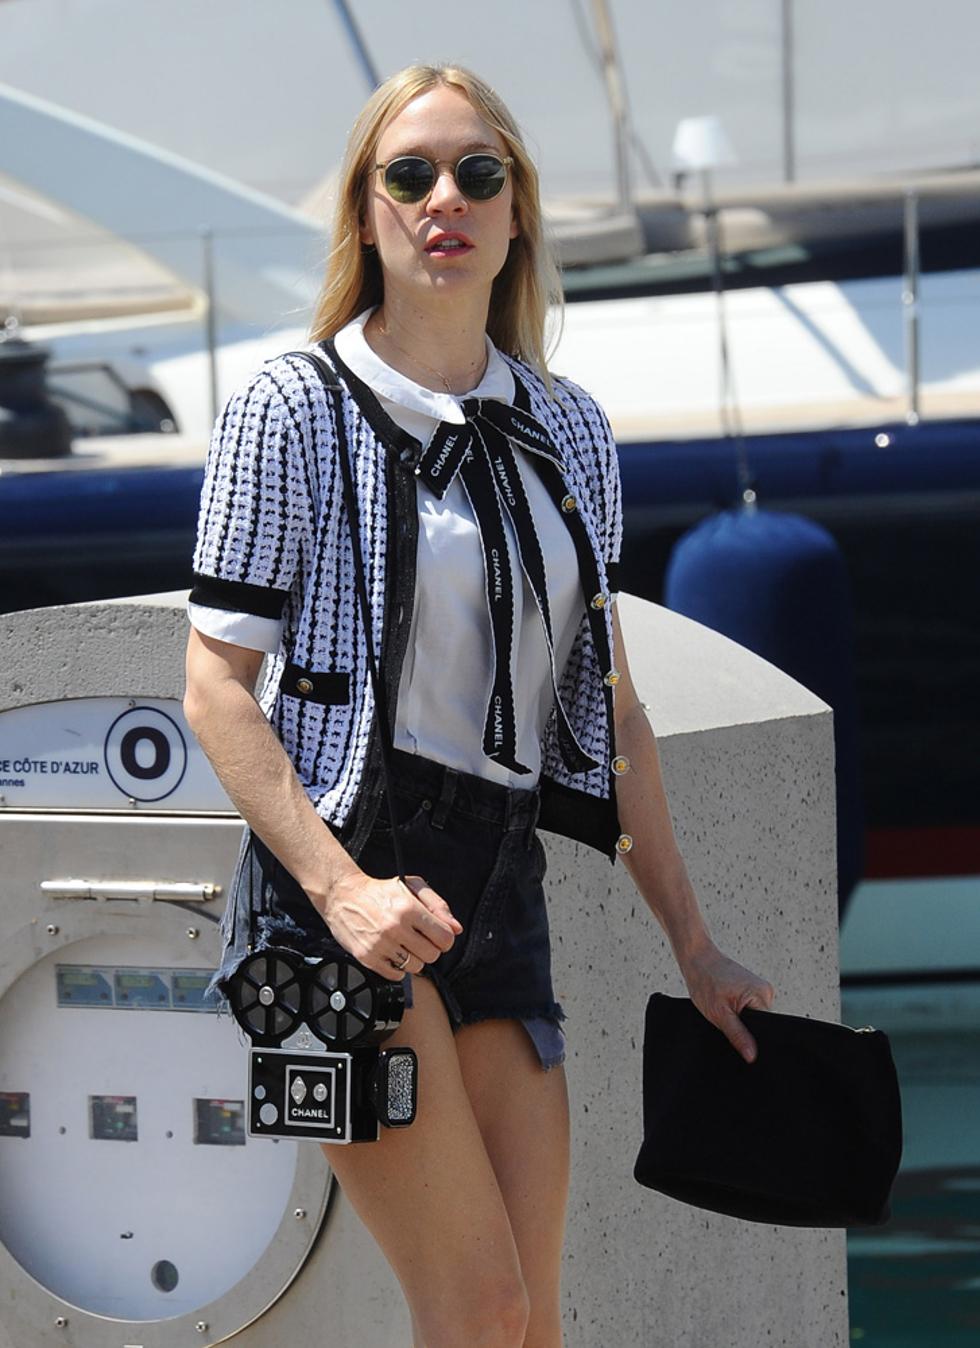 Chloe Sevigny com o novo lançamento da Chanel (Foto: Divulgação)